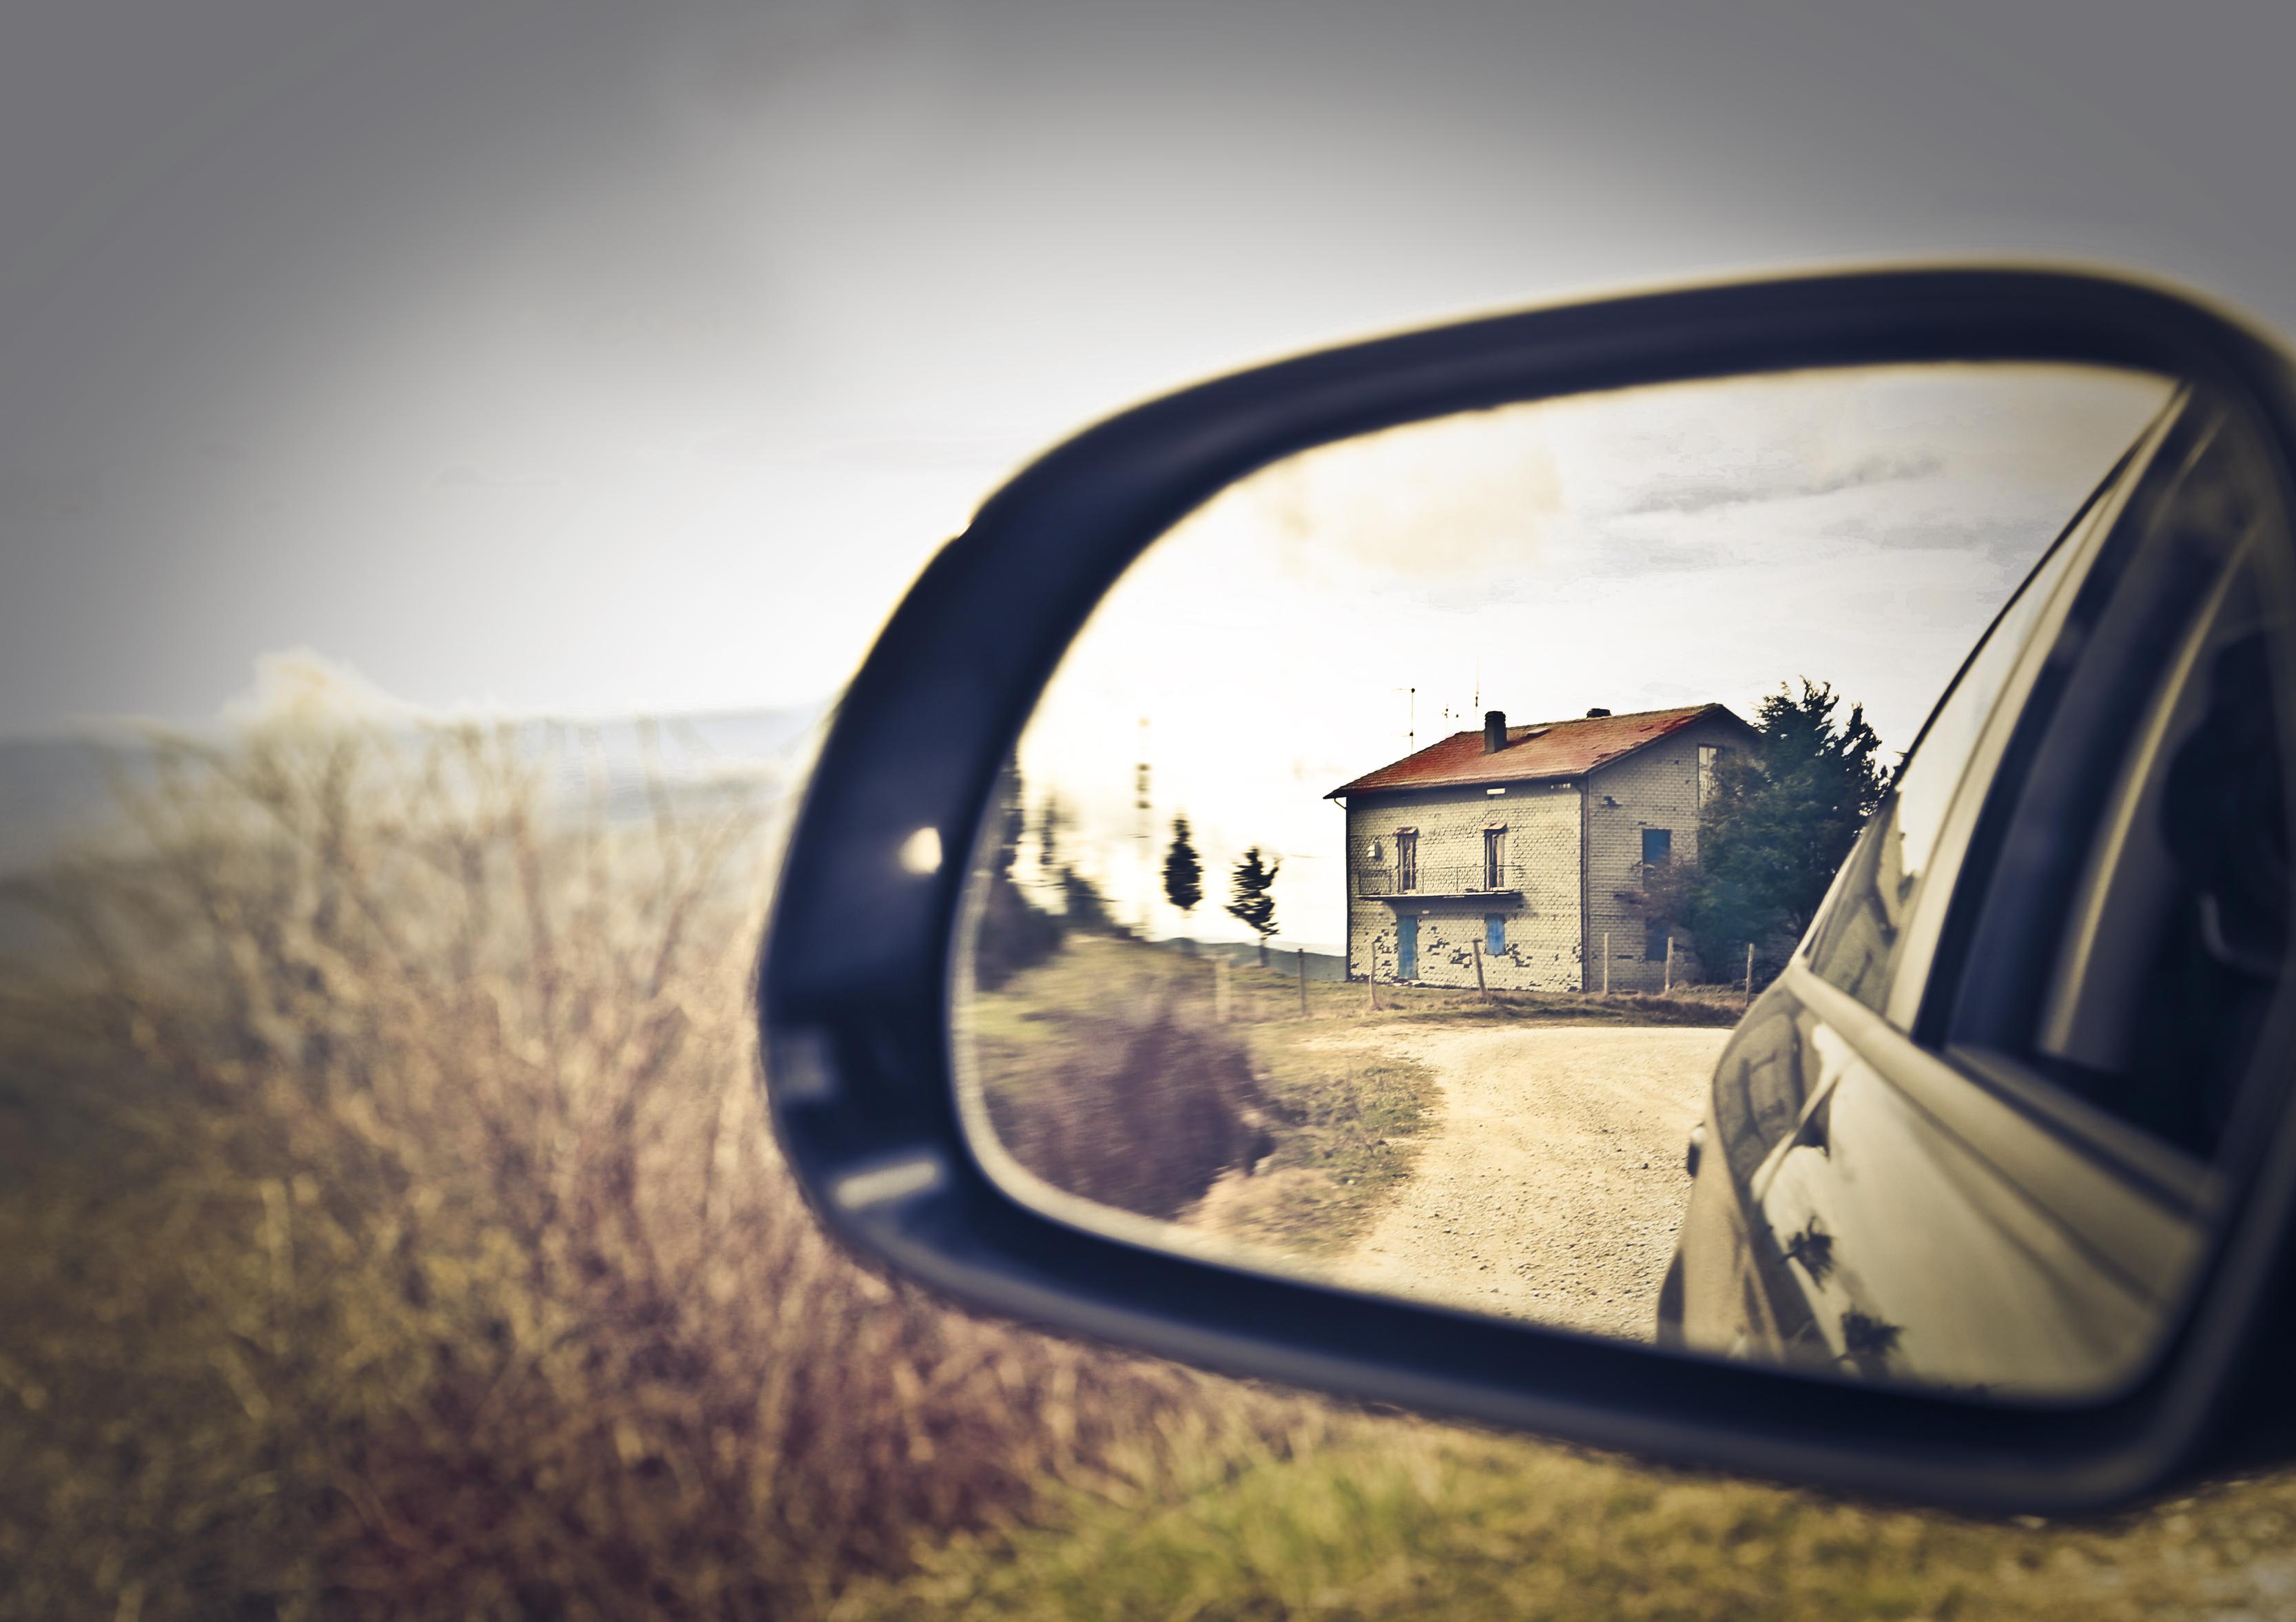 Rearview window